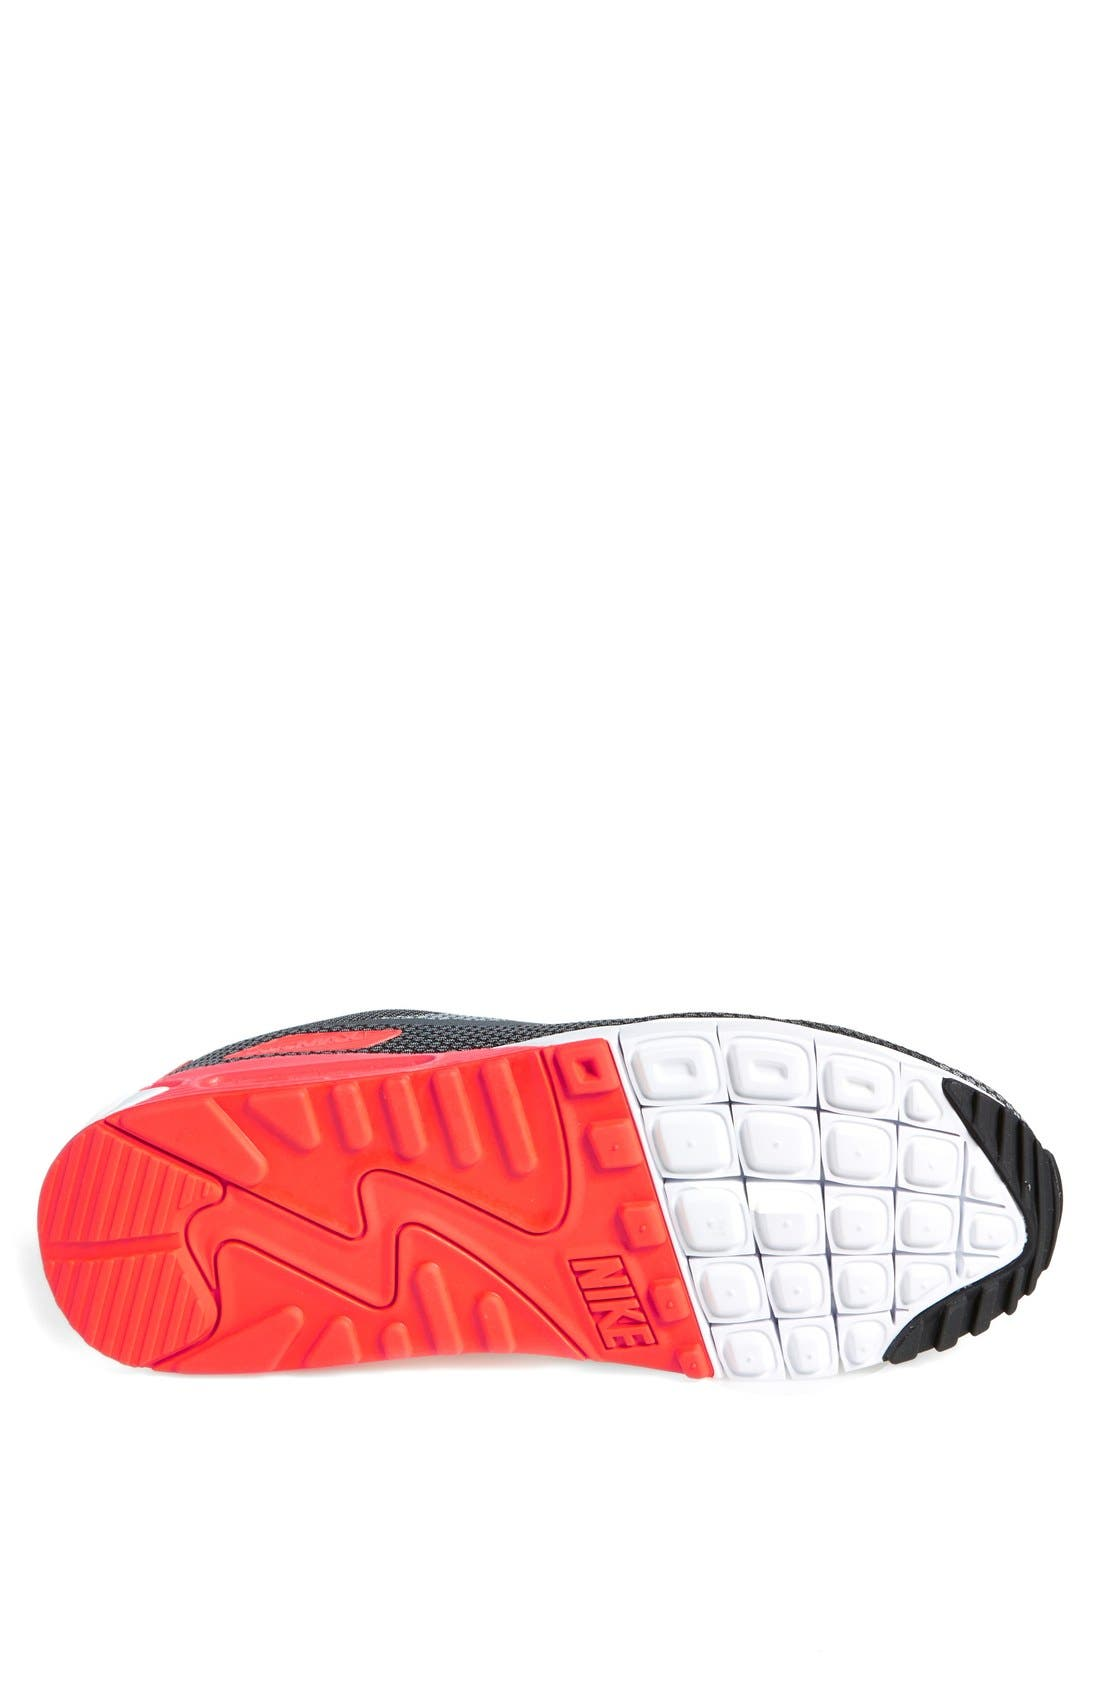 Alternate Image 4  - Nike 'Air Max 90 Jacquard' (QS) Sneaker (Men)